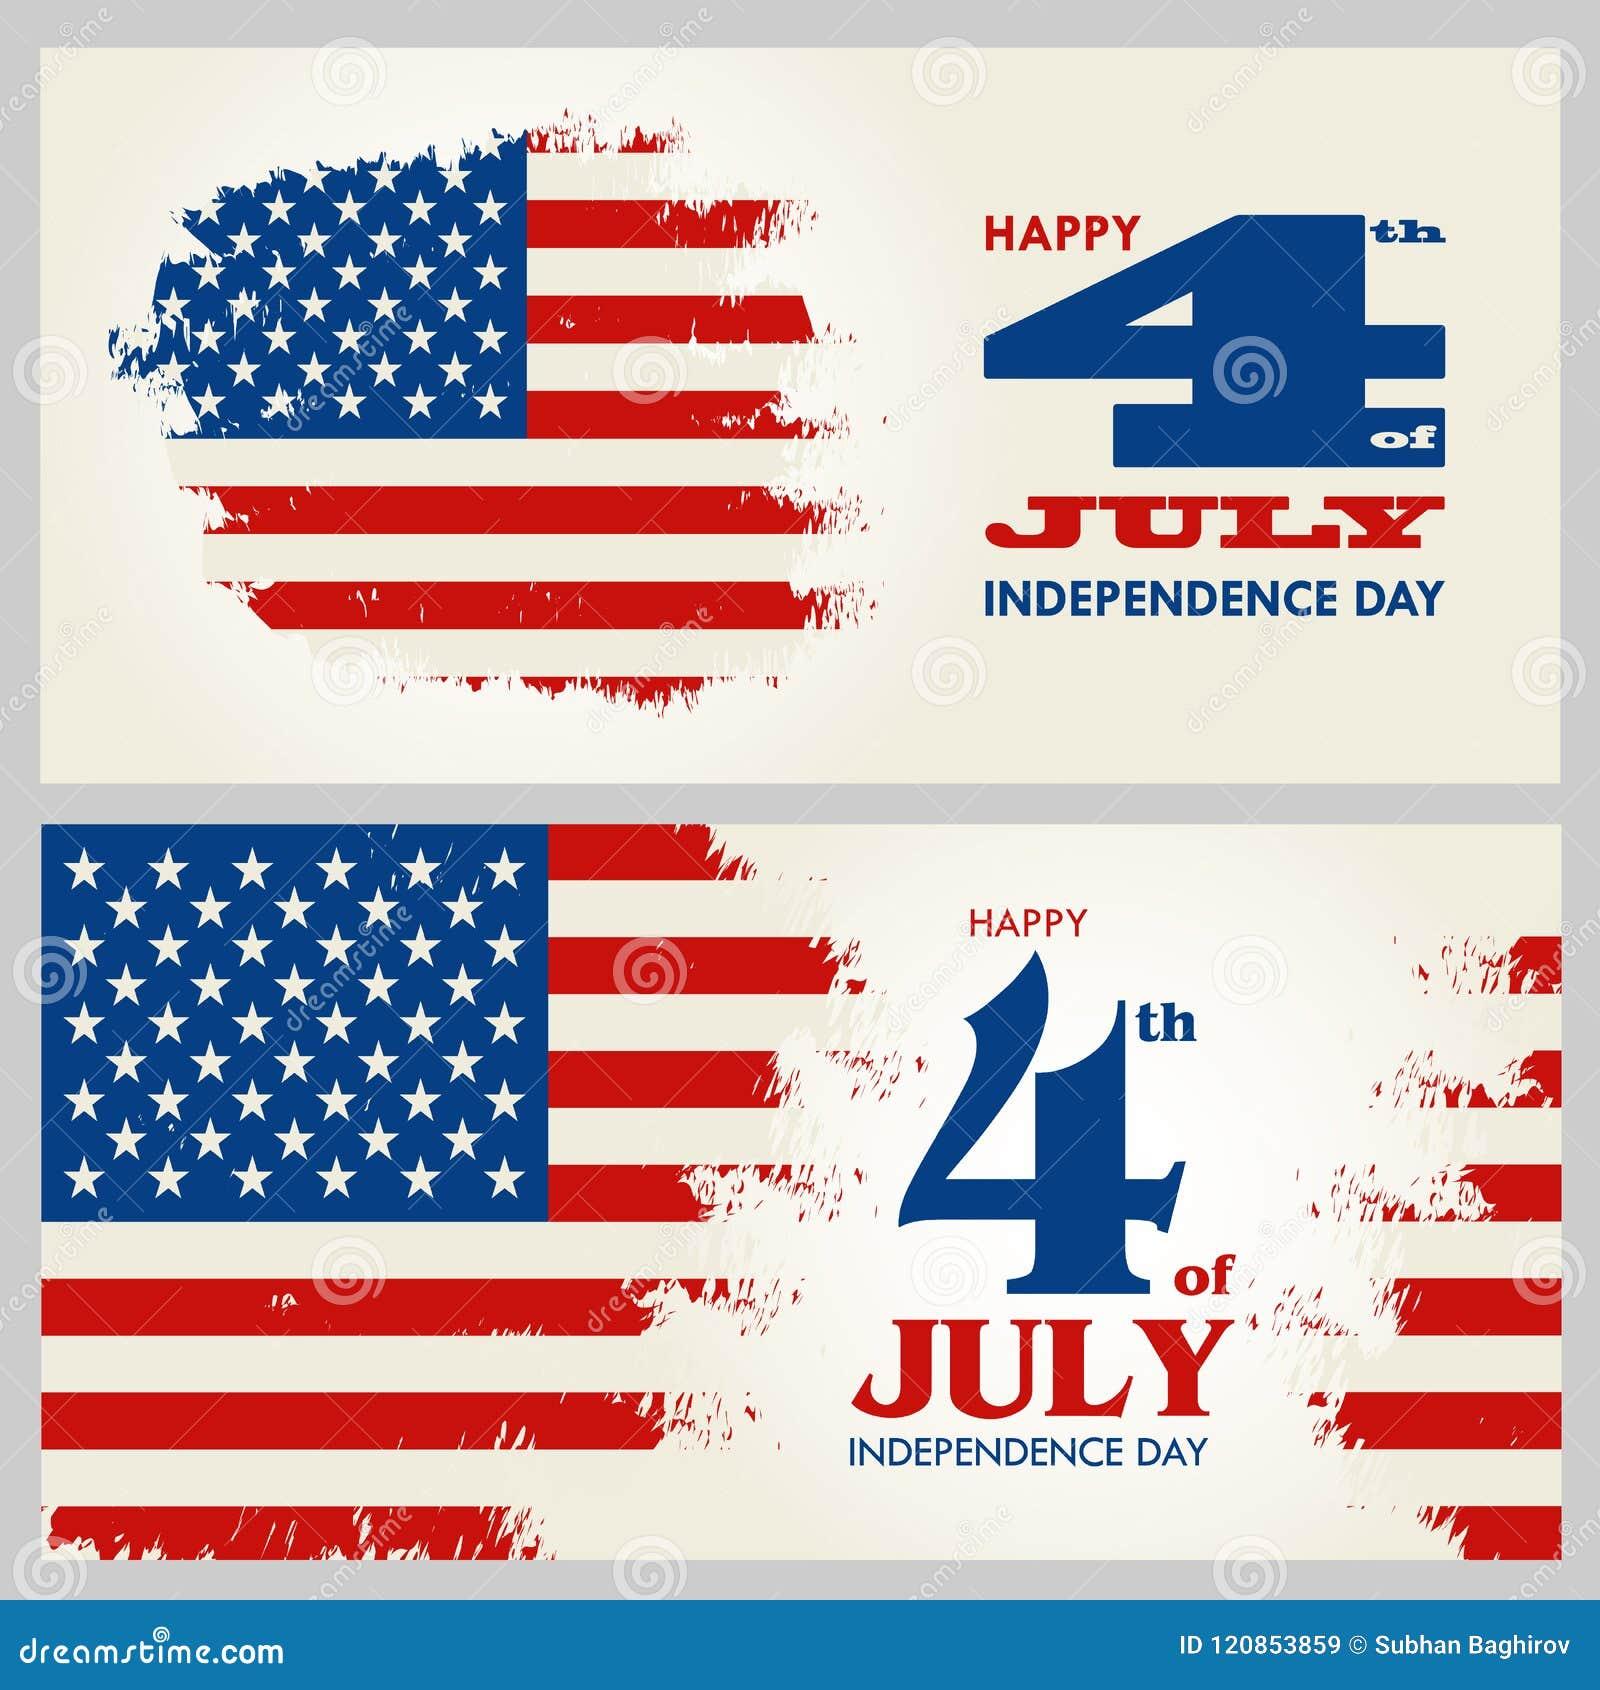 Szczęśliwy 4th Lipiec - dzień niepodległości Stany Zjednoczone Ameryka